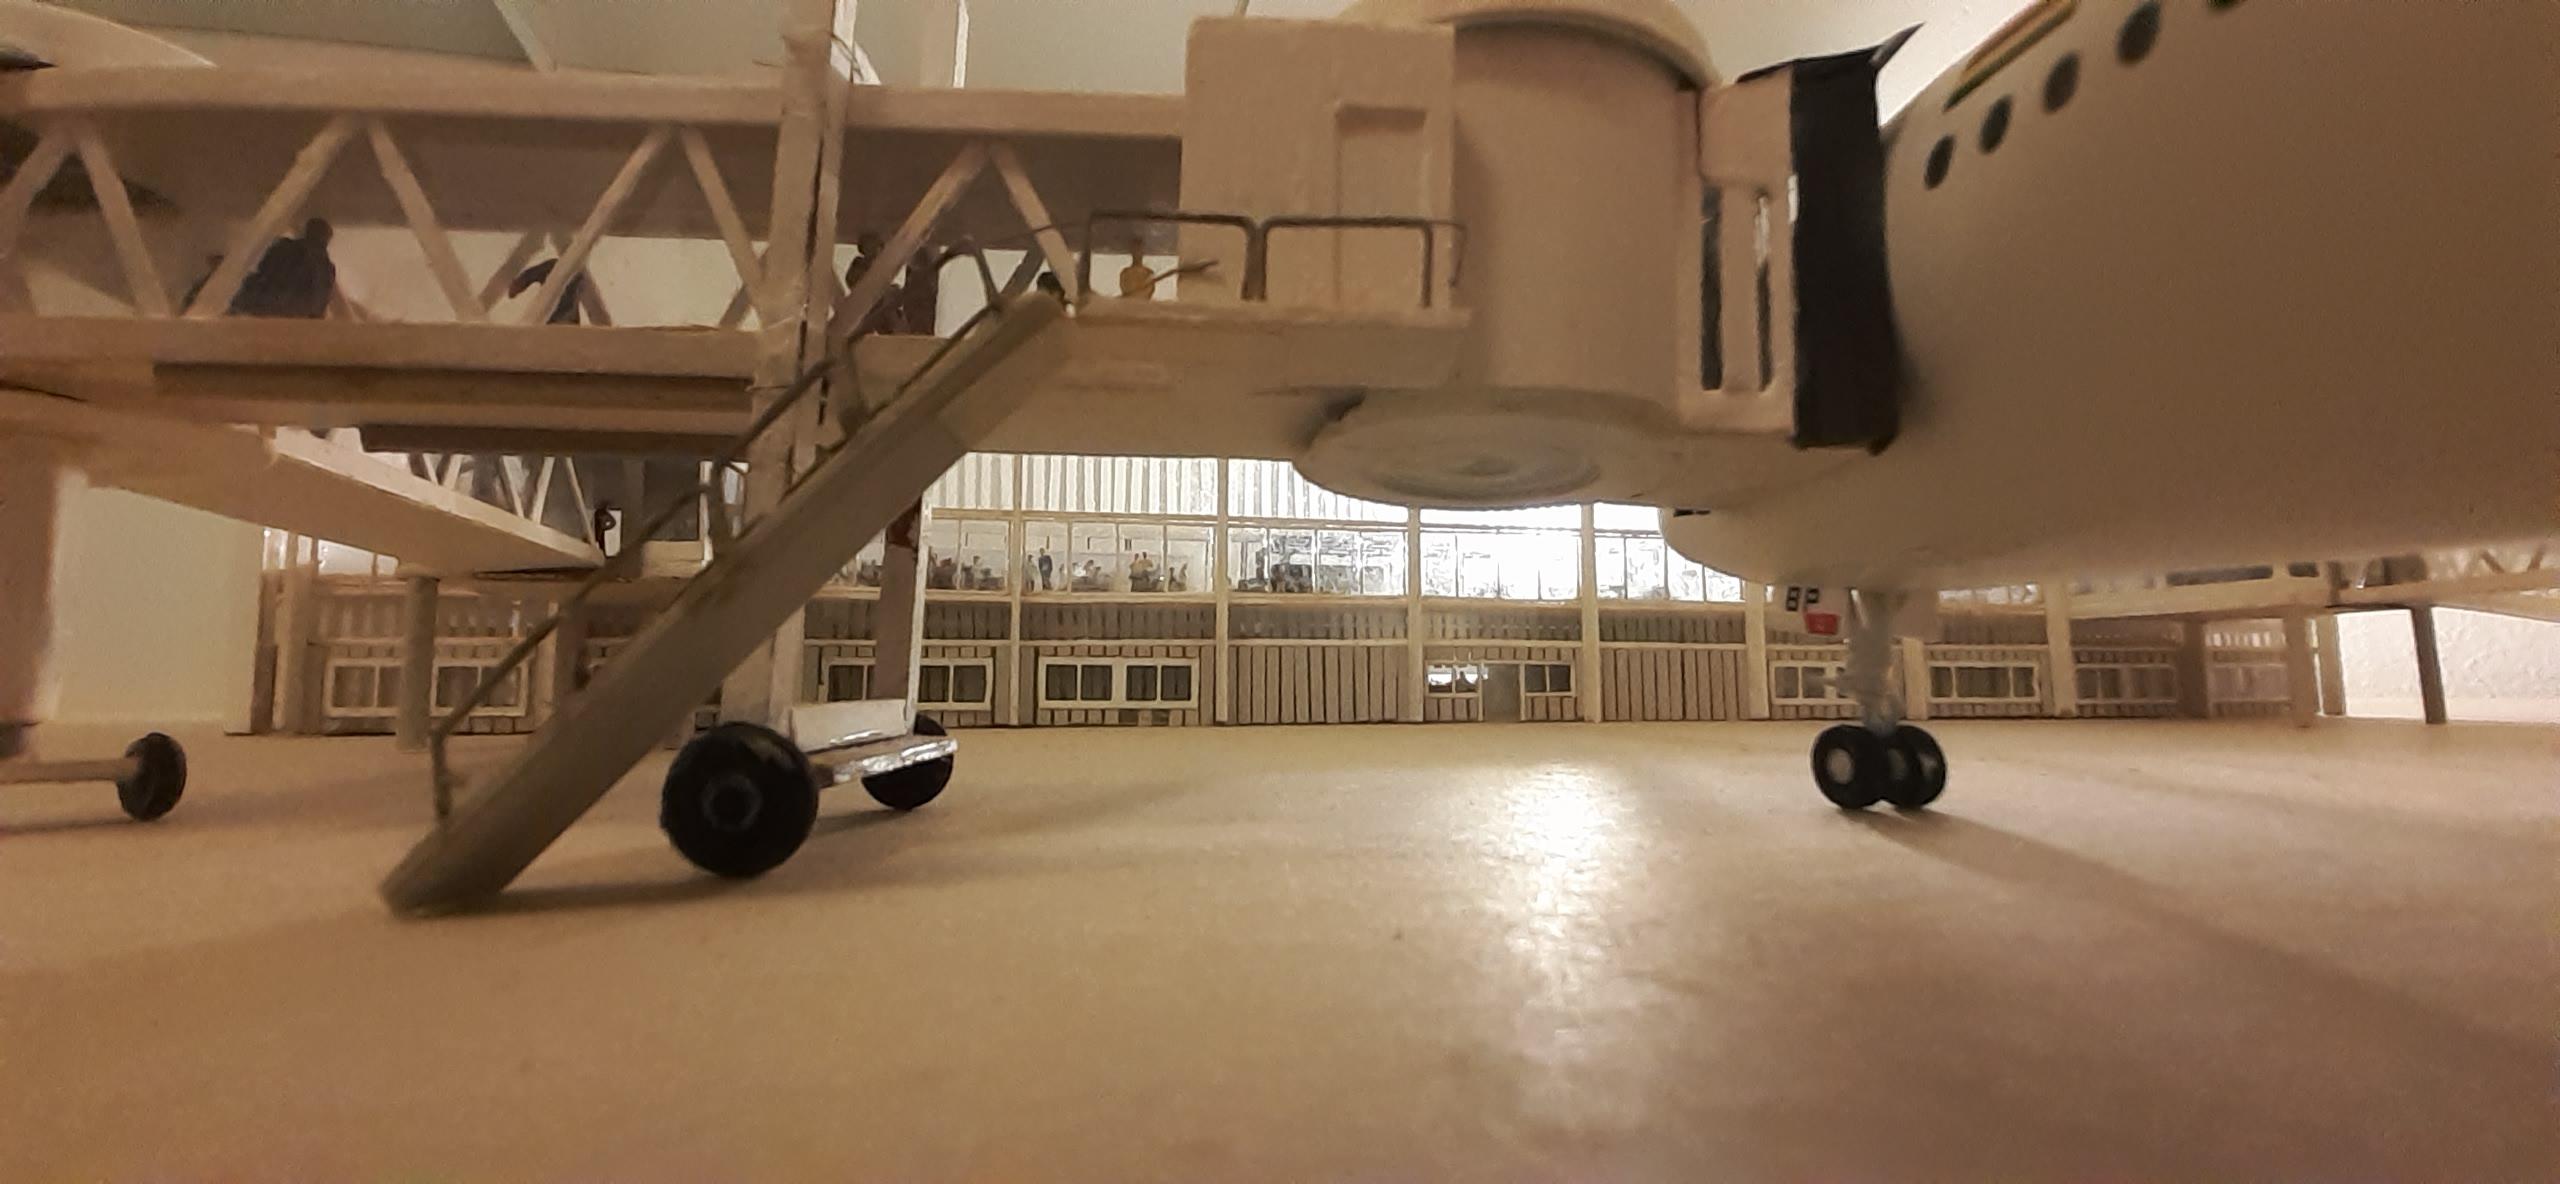 Réalisation de la maquette 1/144 d' un aéroport international (scratch) - Page 17 20200590